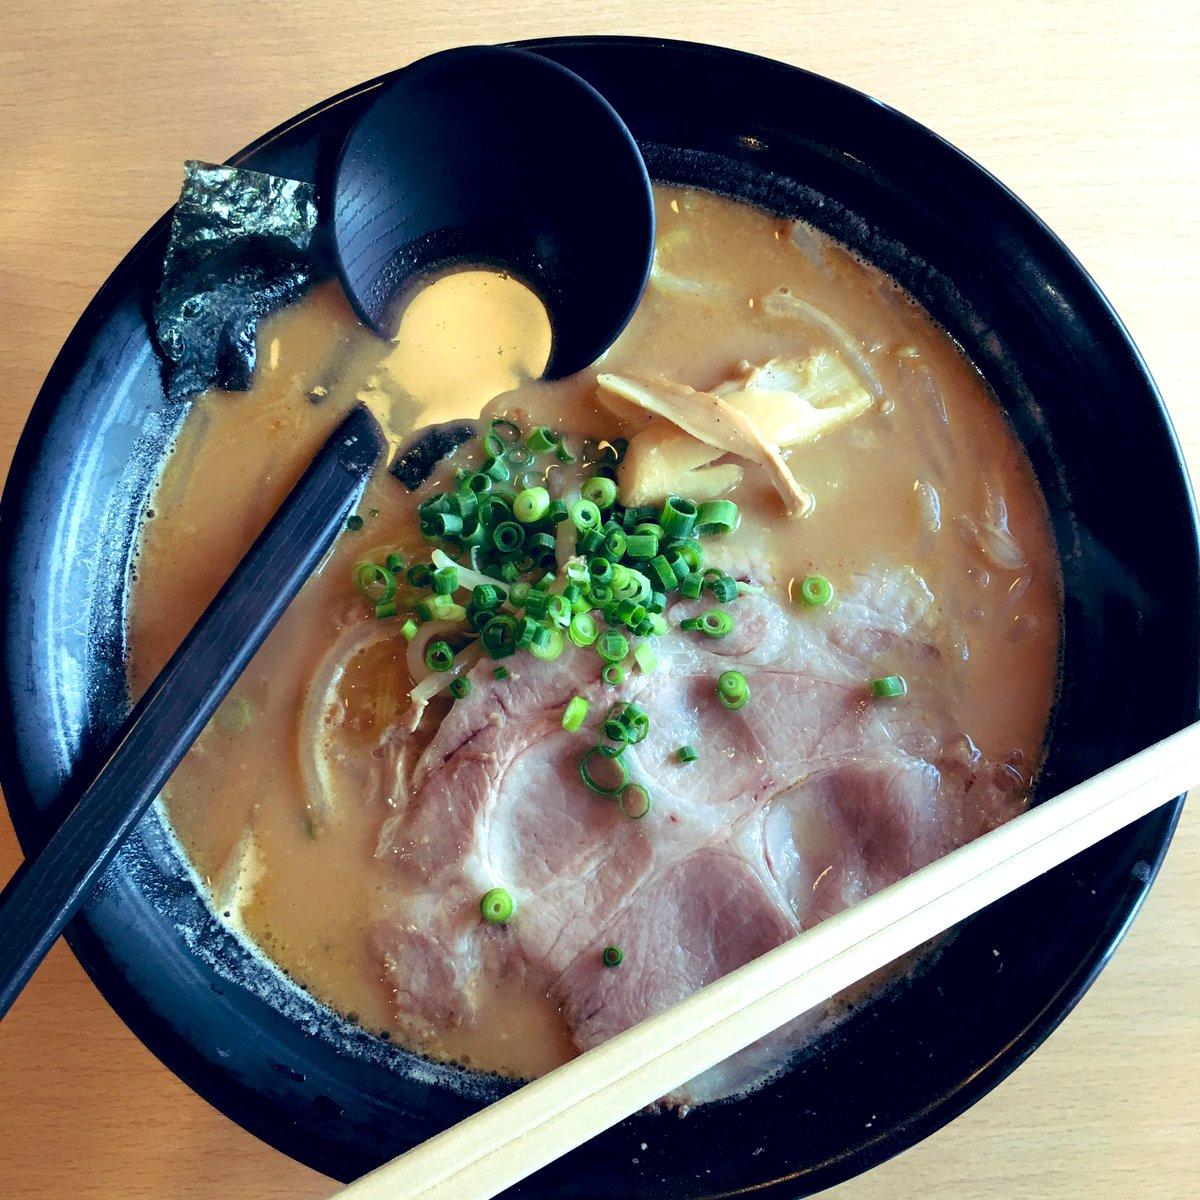 帰りに石井病院🏥の方に教えてもらったおすすめのラーメン屋さん🍜喜一郎さんへ💓 大変美味しゅうございました💓